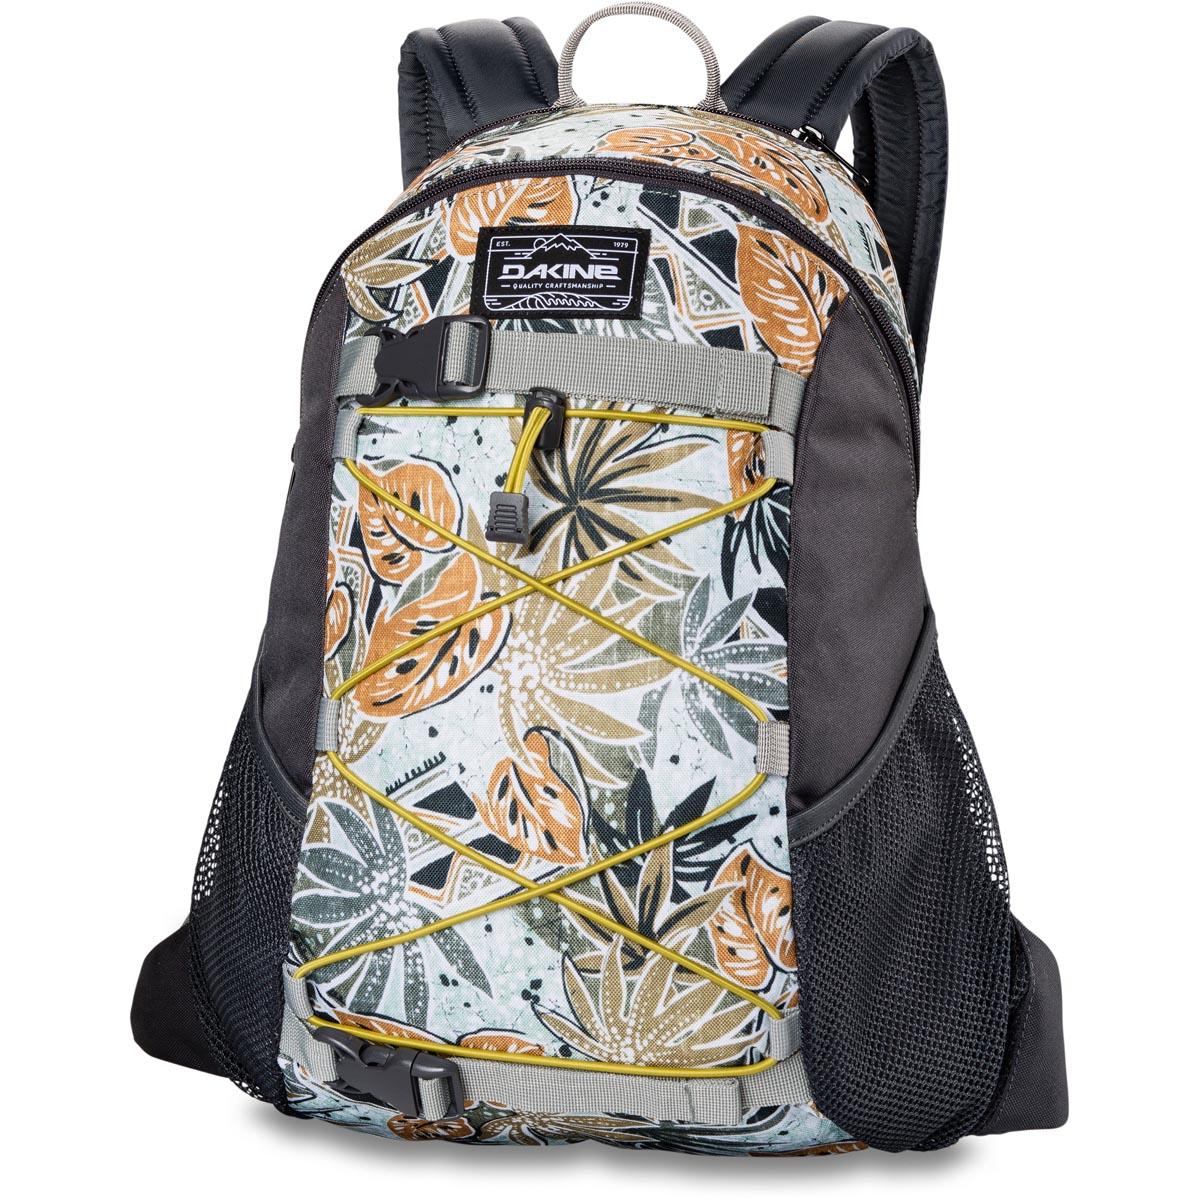 43bbda2c1c3e5 Dakine Wonder 15L Backpack Castaway